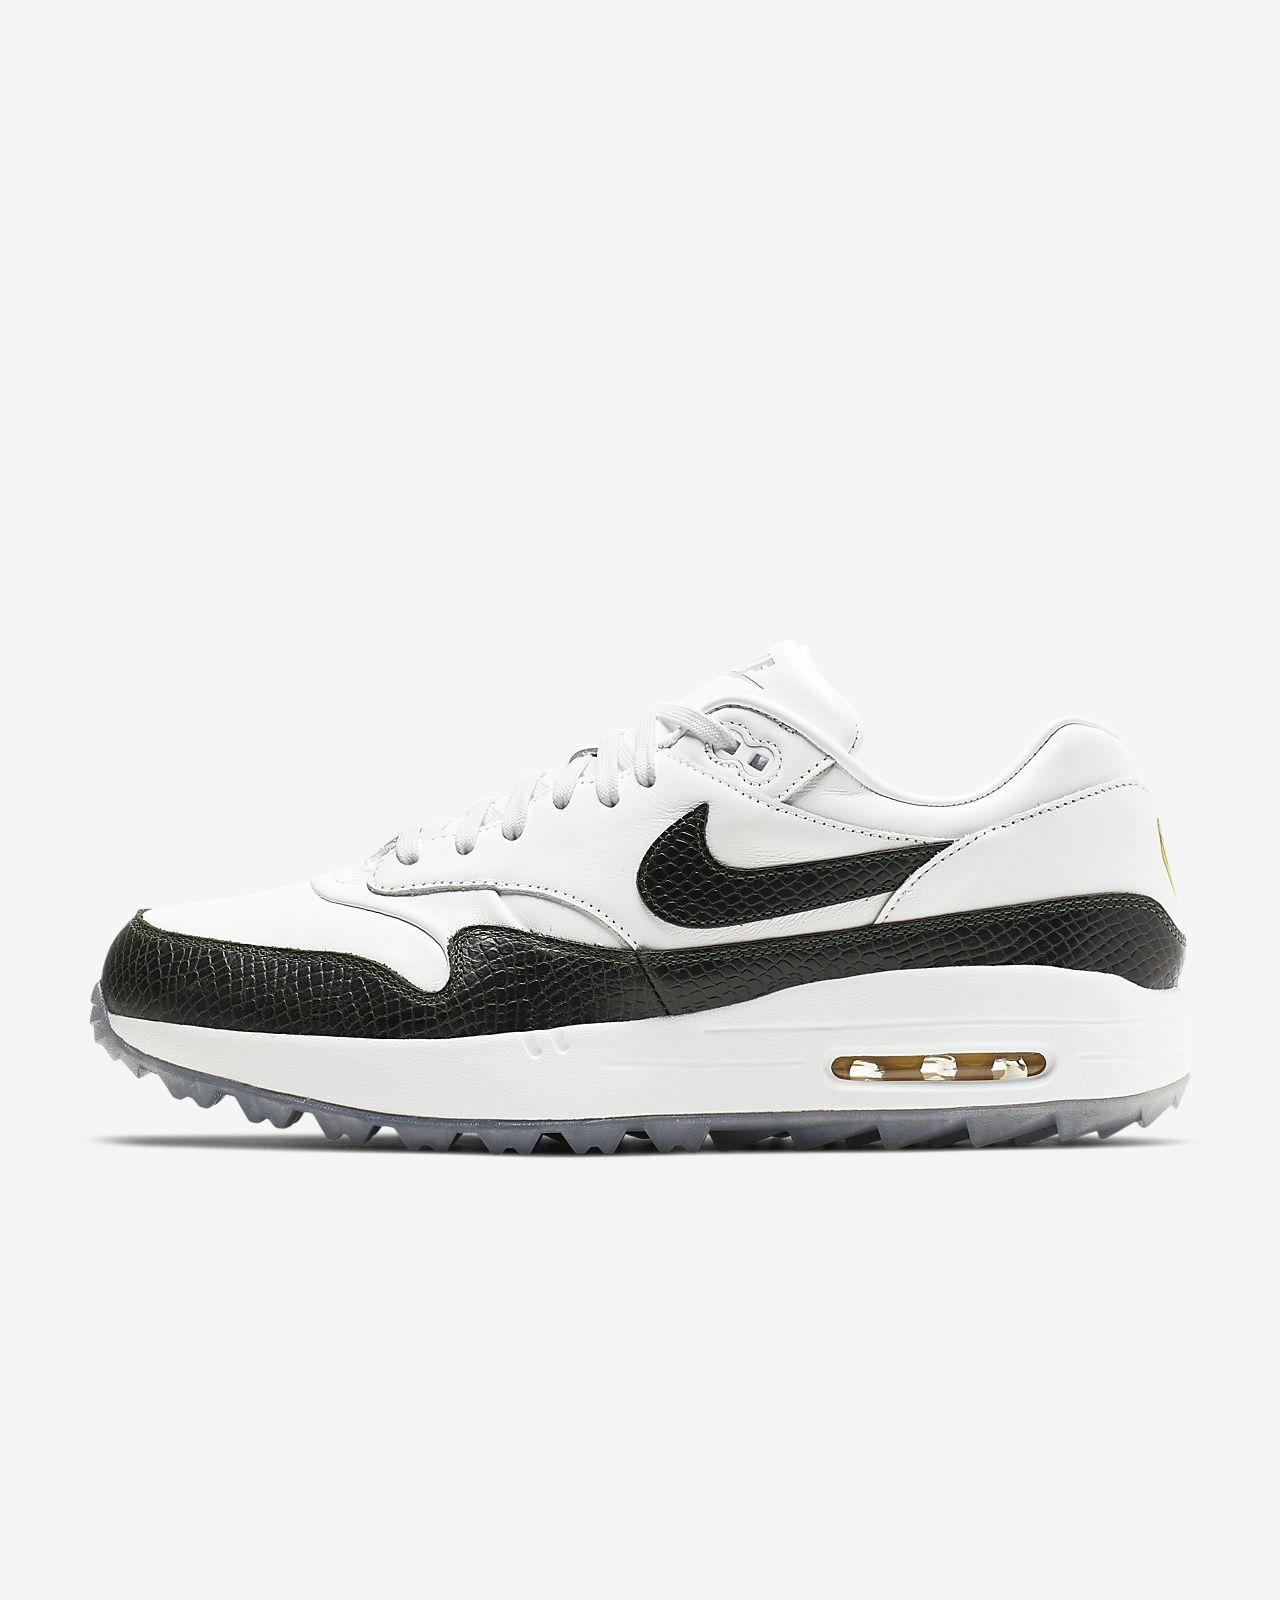 51c44b038126 Nike Air Max 1G NRG Men s Golf Shoe. Nike.com BG